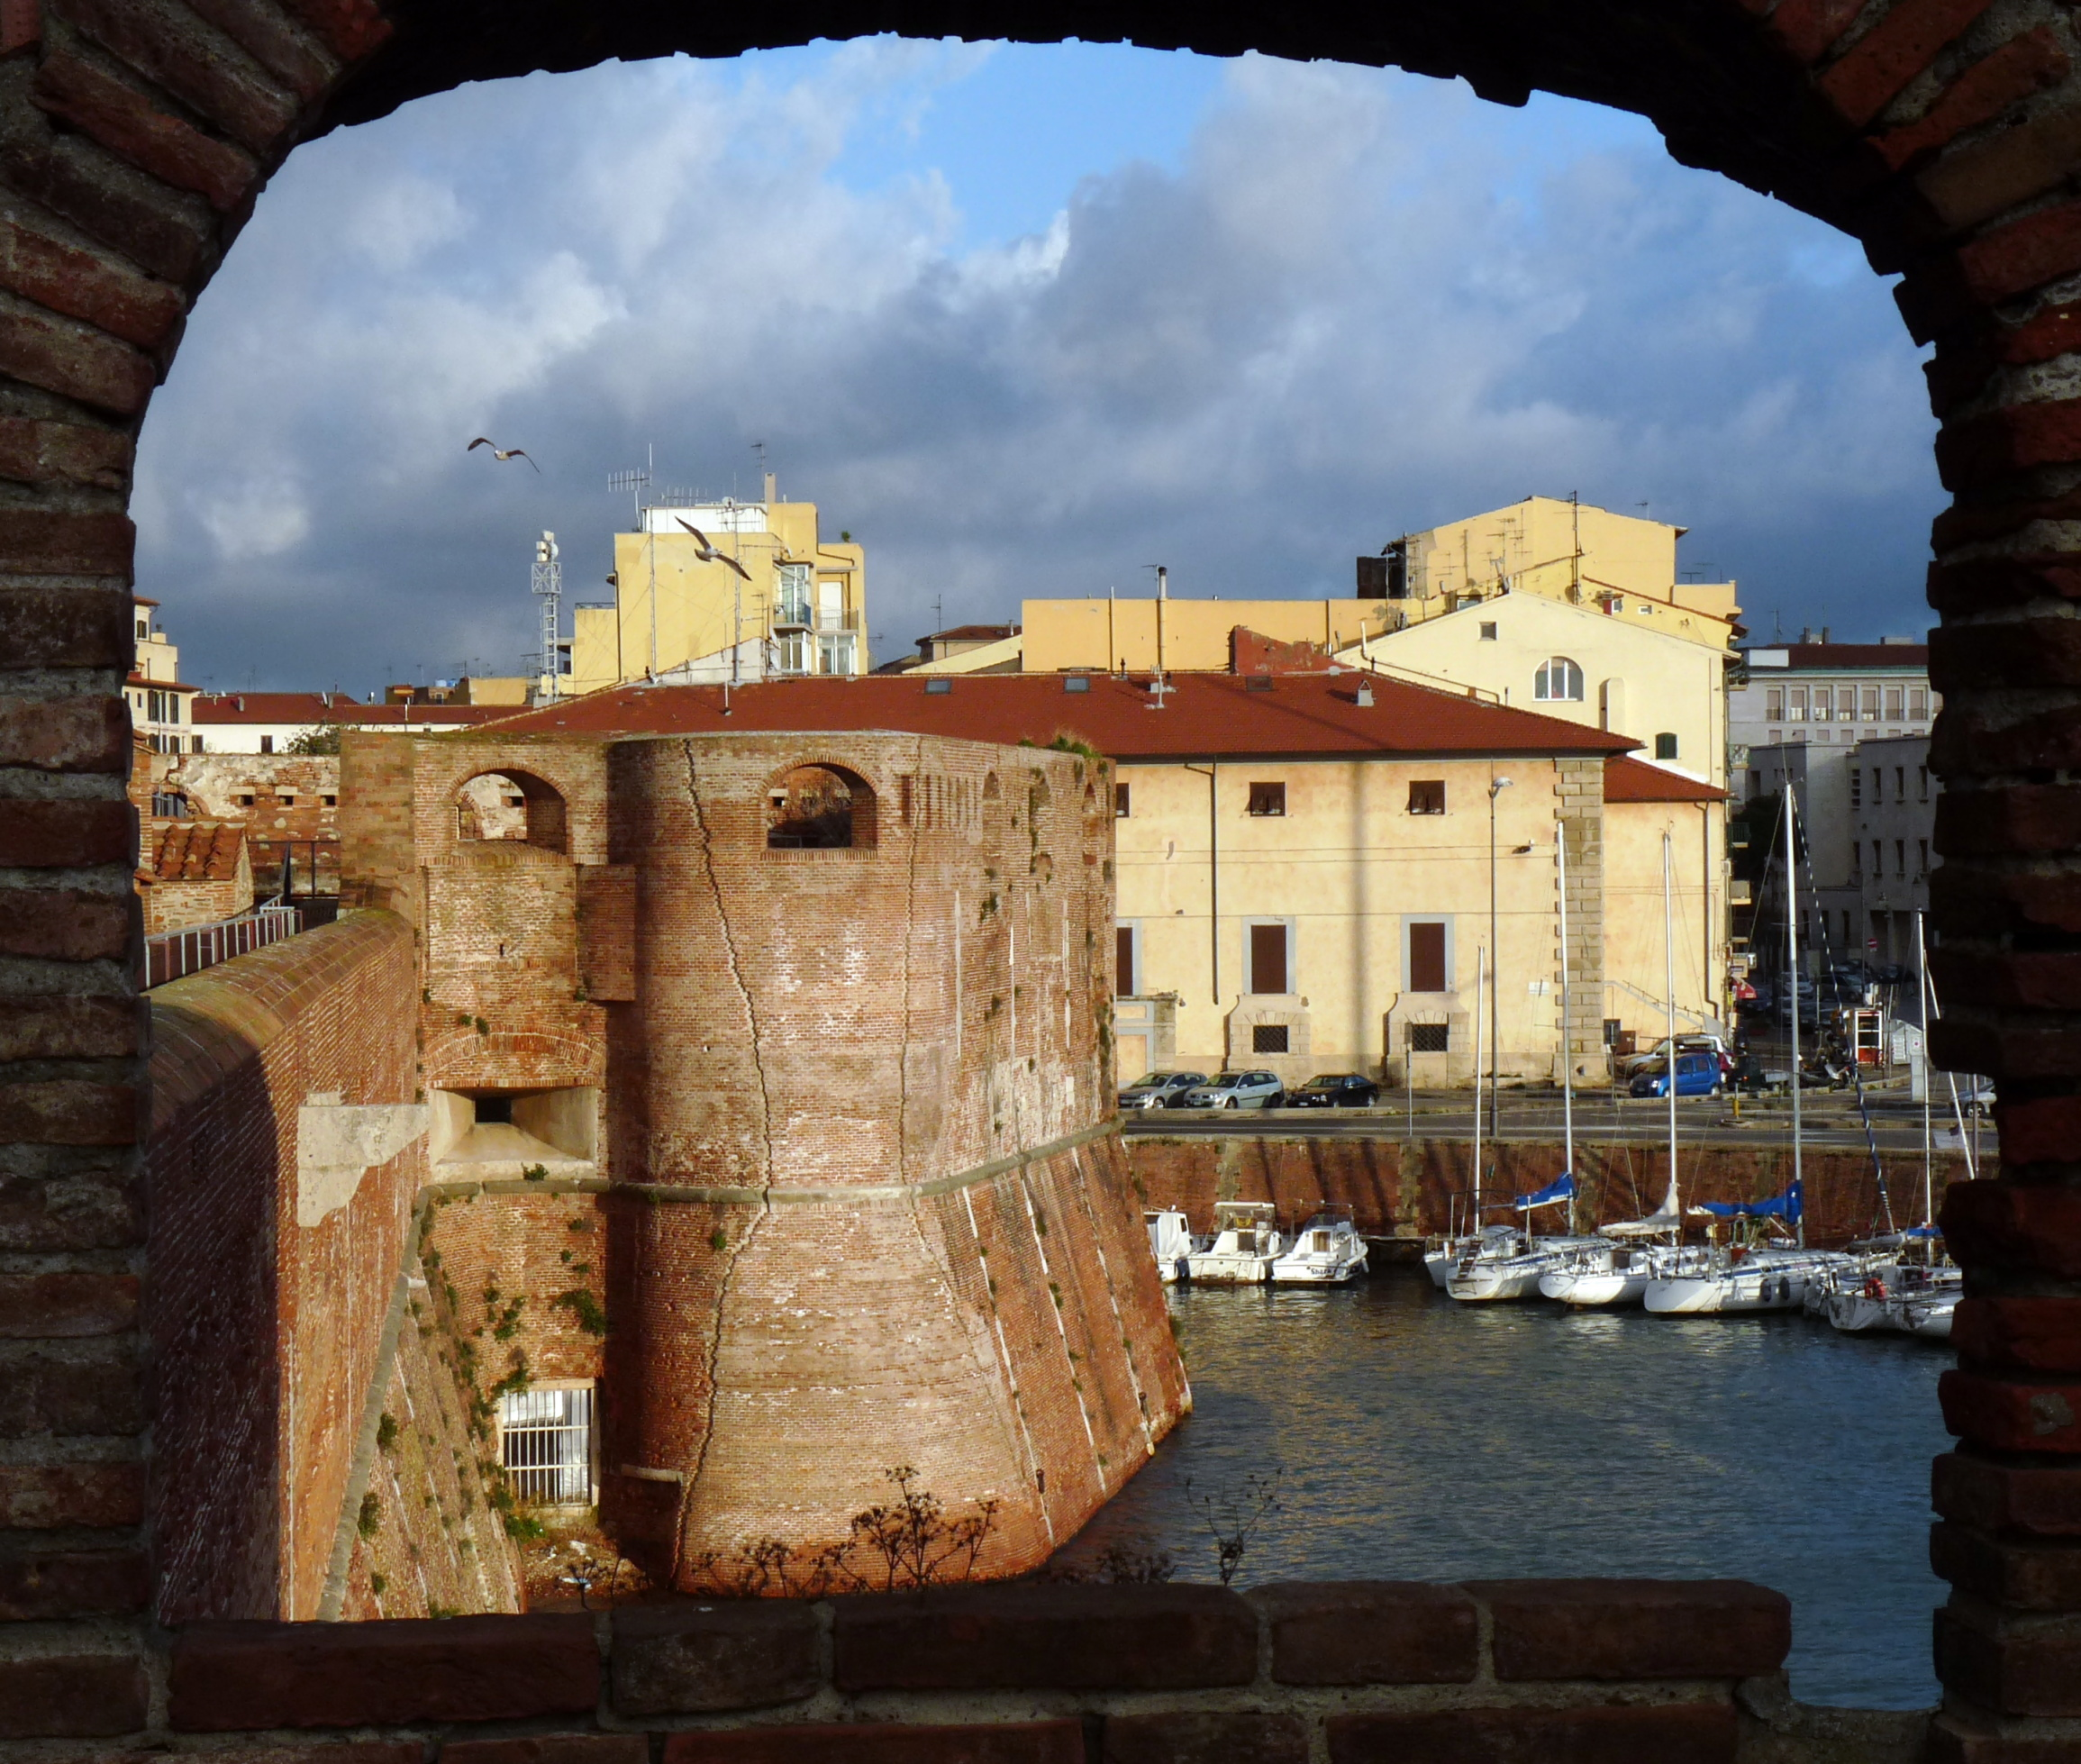 Fortezza_Vecchia,_Livorno_1